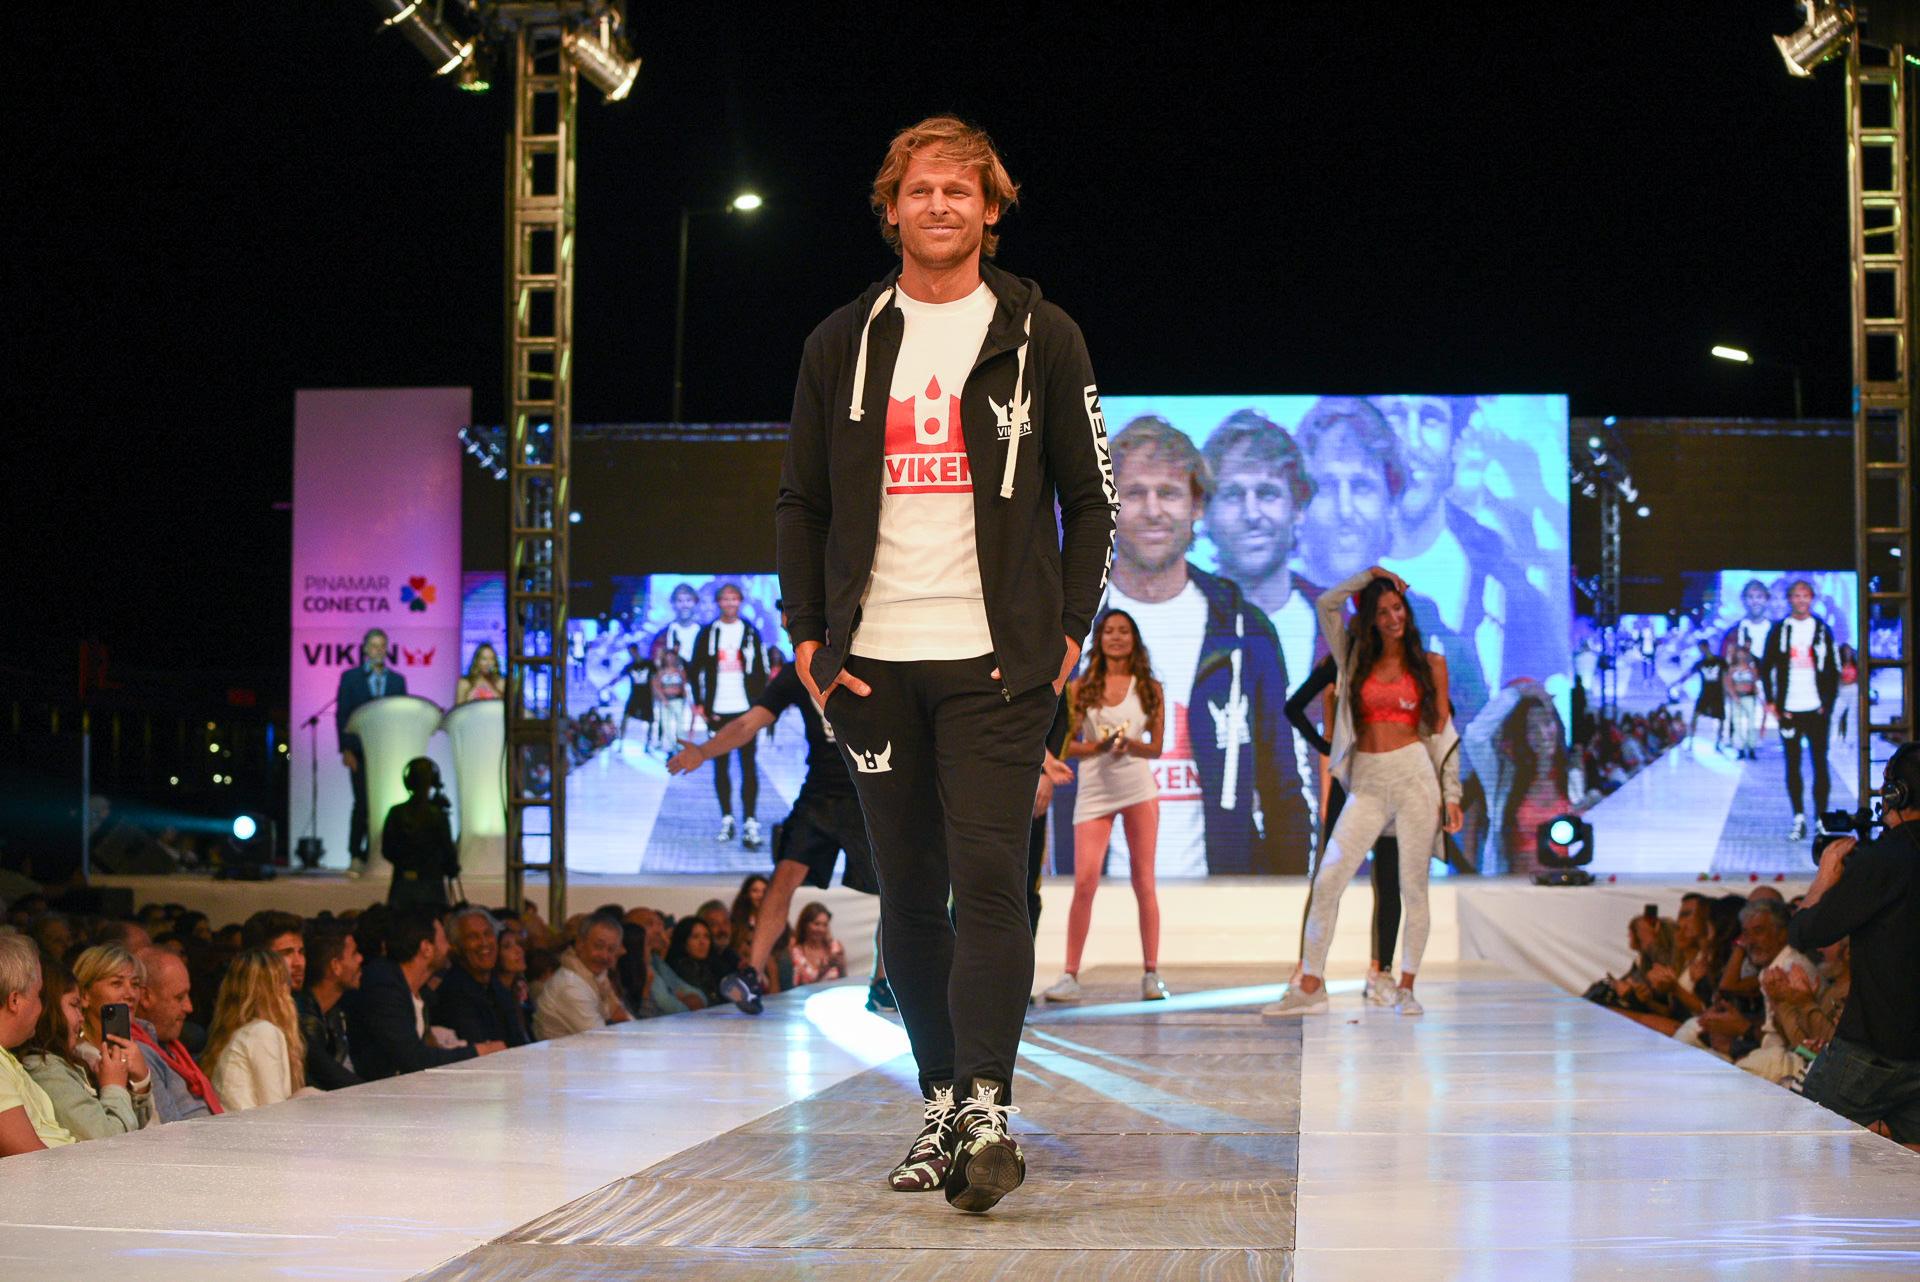 La pasada de la firma Viken, que presentó su nueva colección de indumentaria deportiva